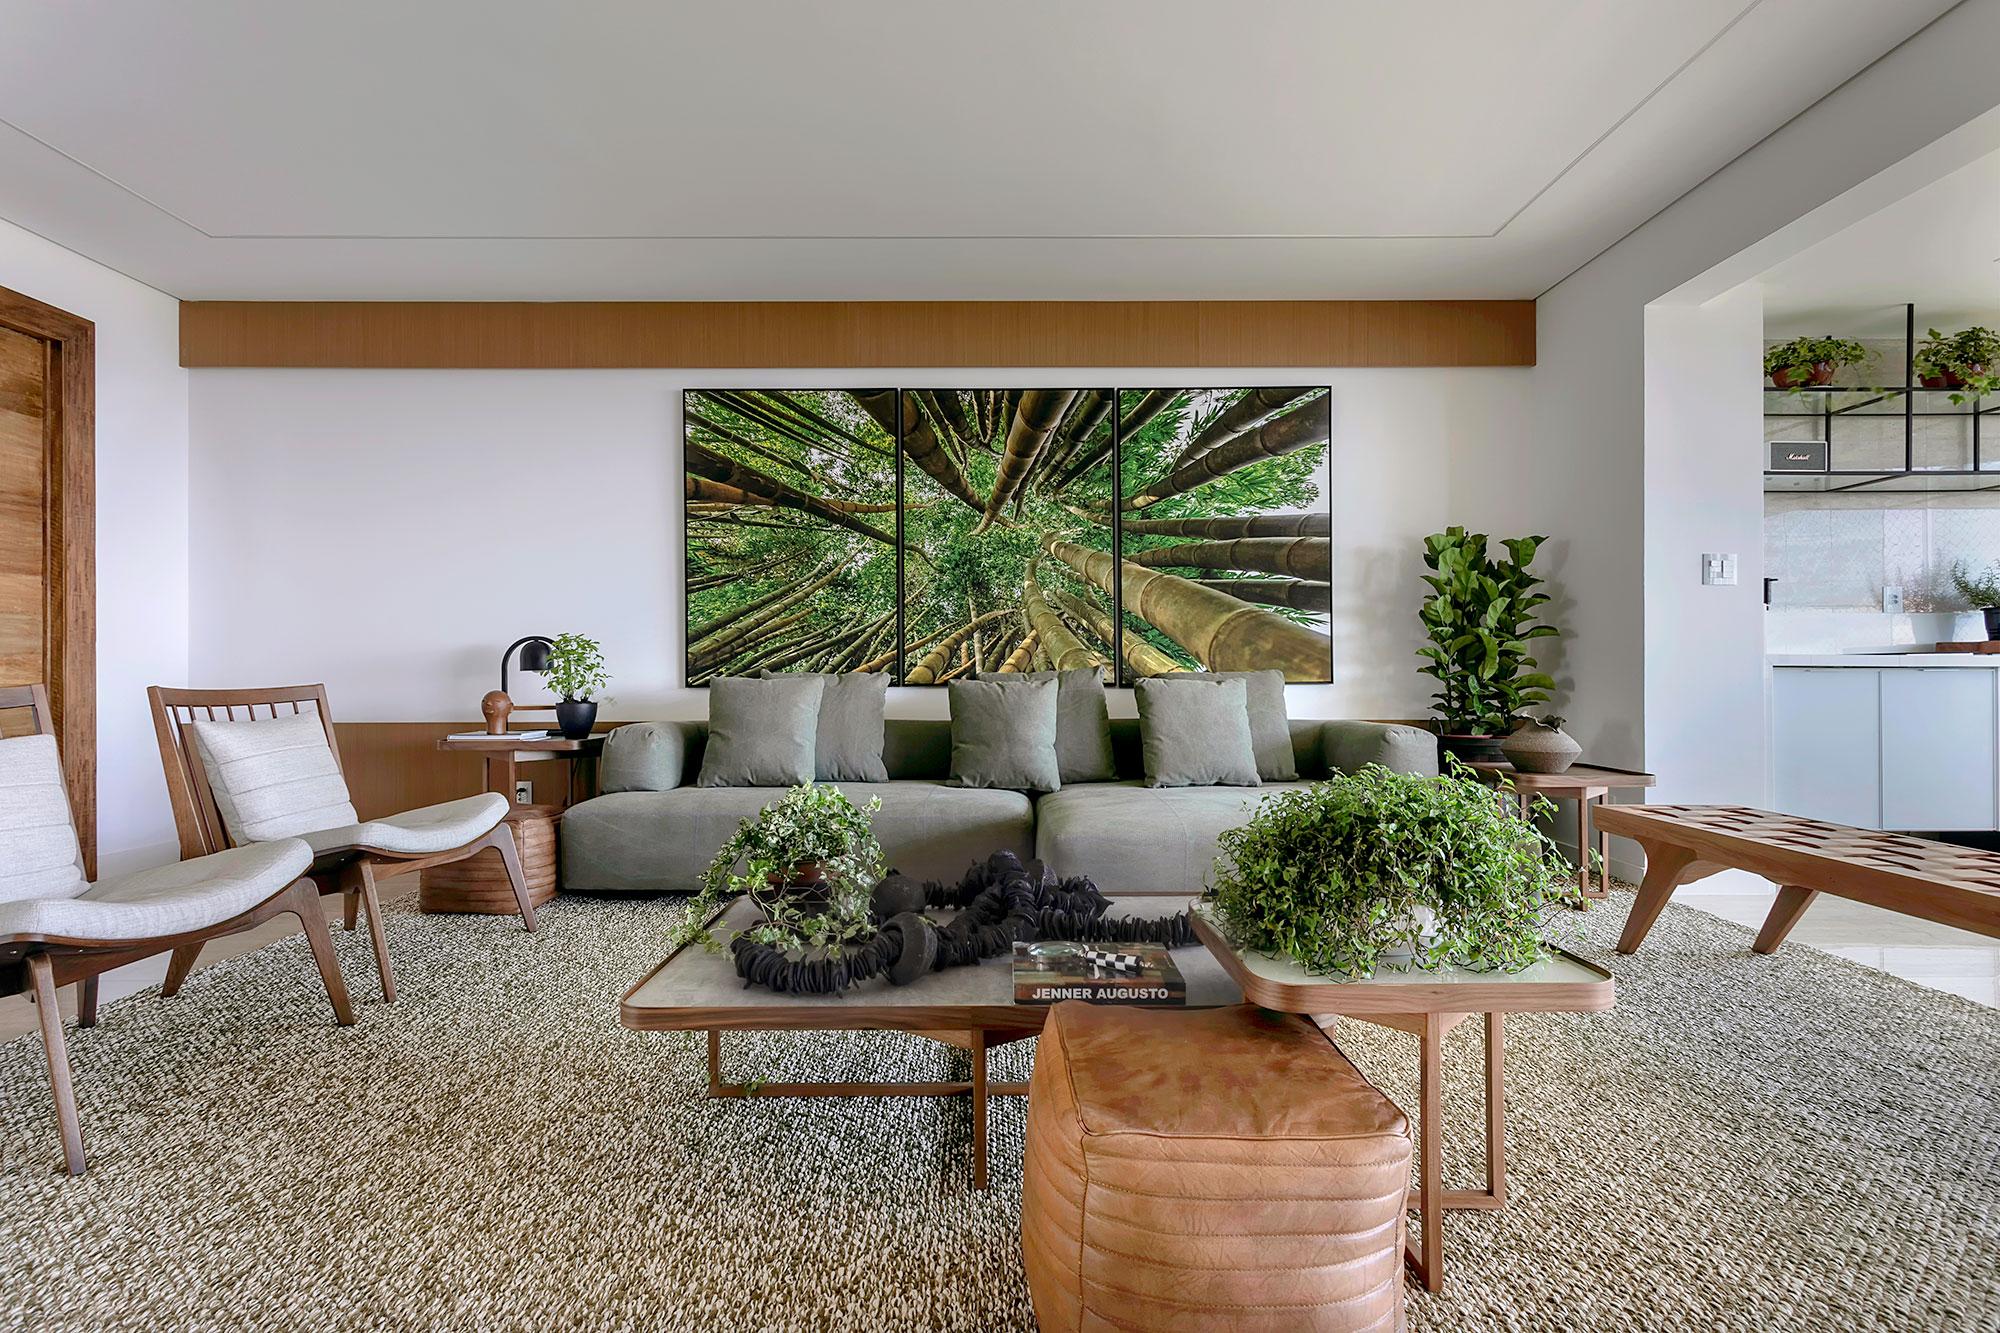 apartamento bambu jessica araújo casacor clean decoração interiores casa sofá quadro poltrona tapete